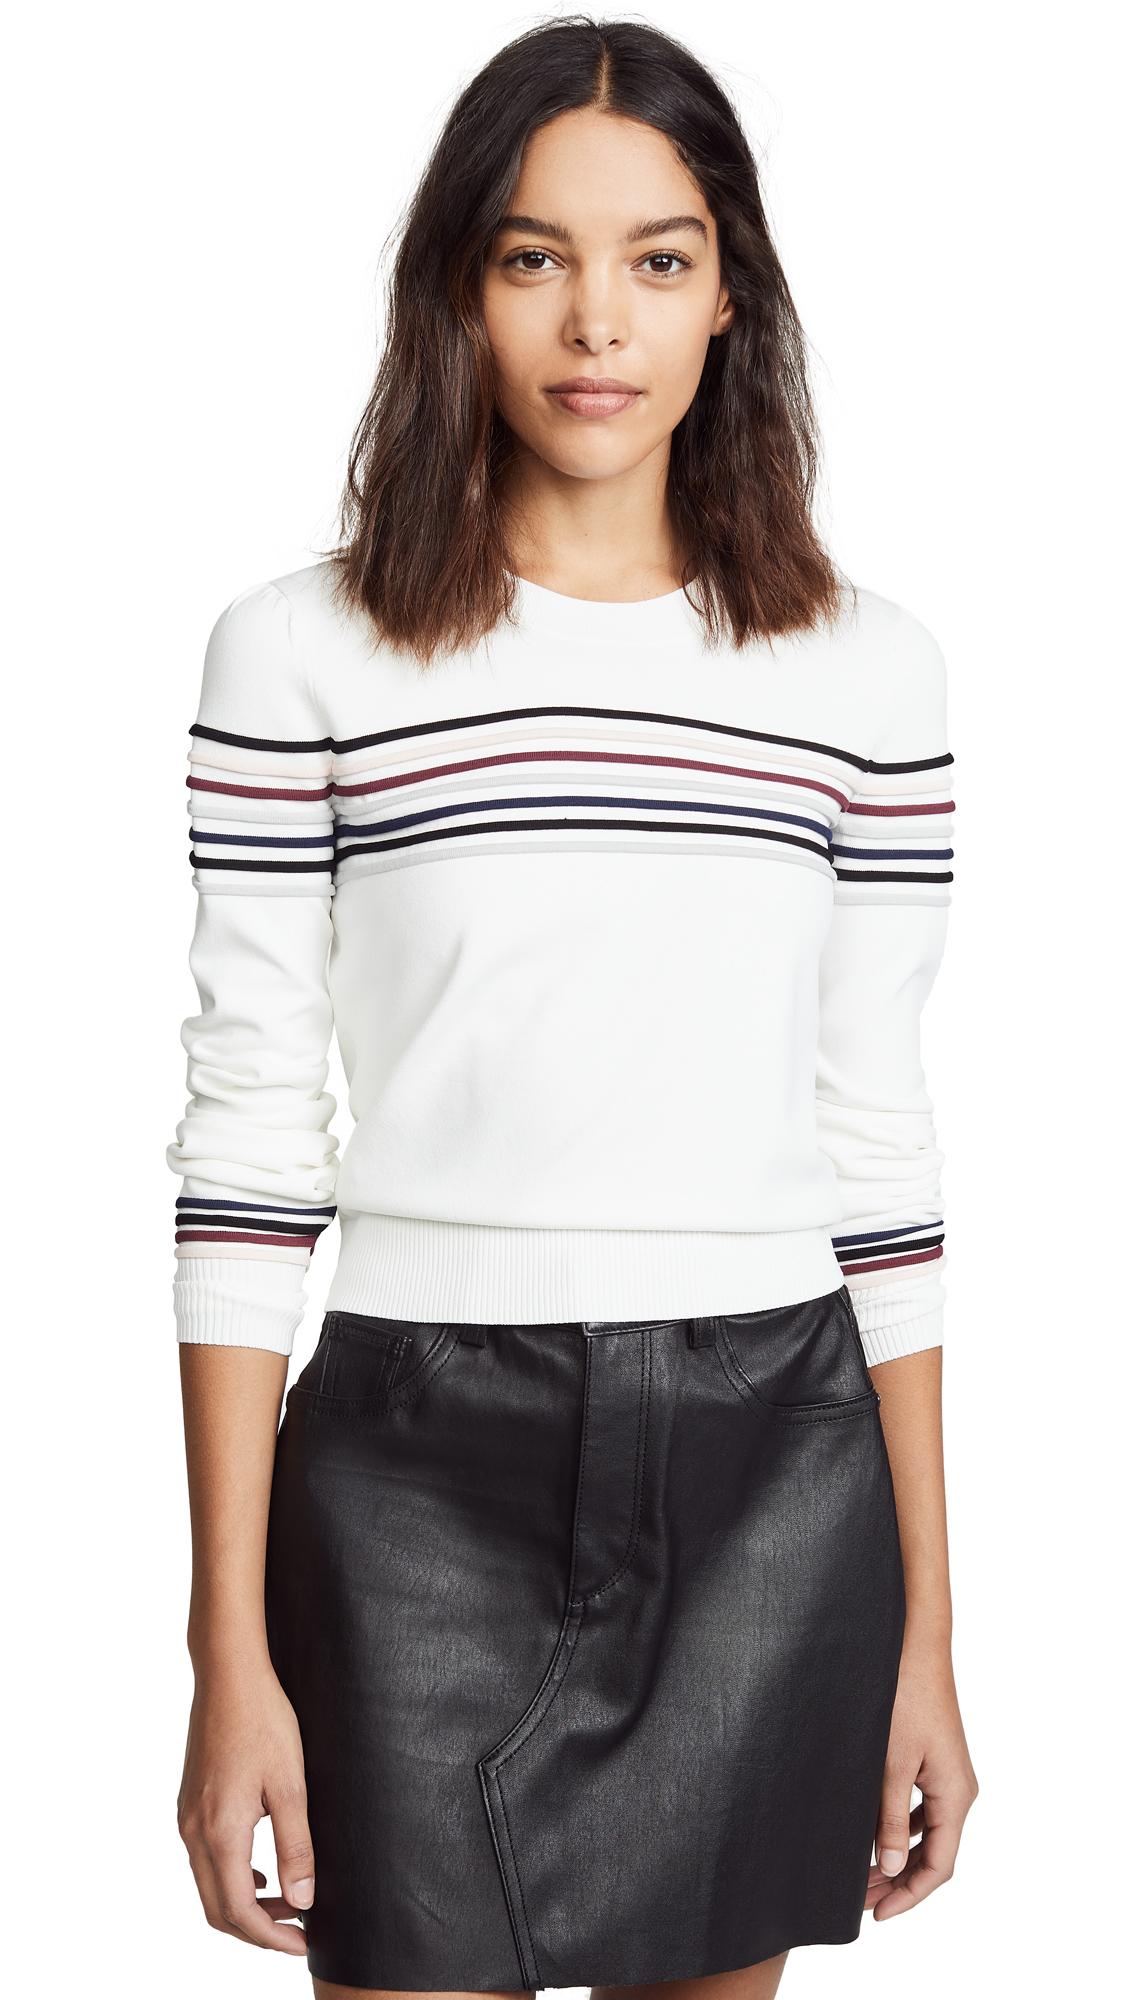 VERONICA BEARD JEAN Fenn Sweater in Ivory